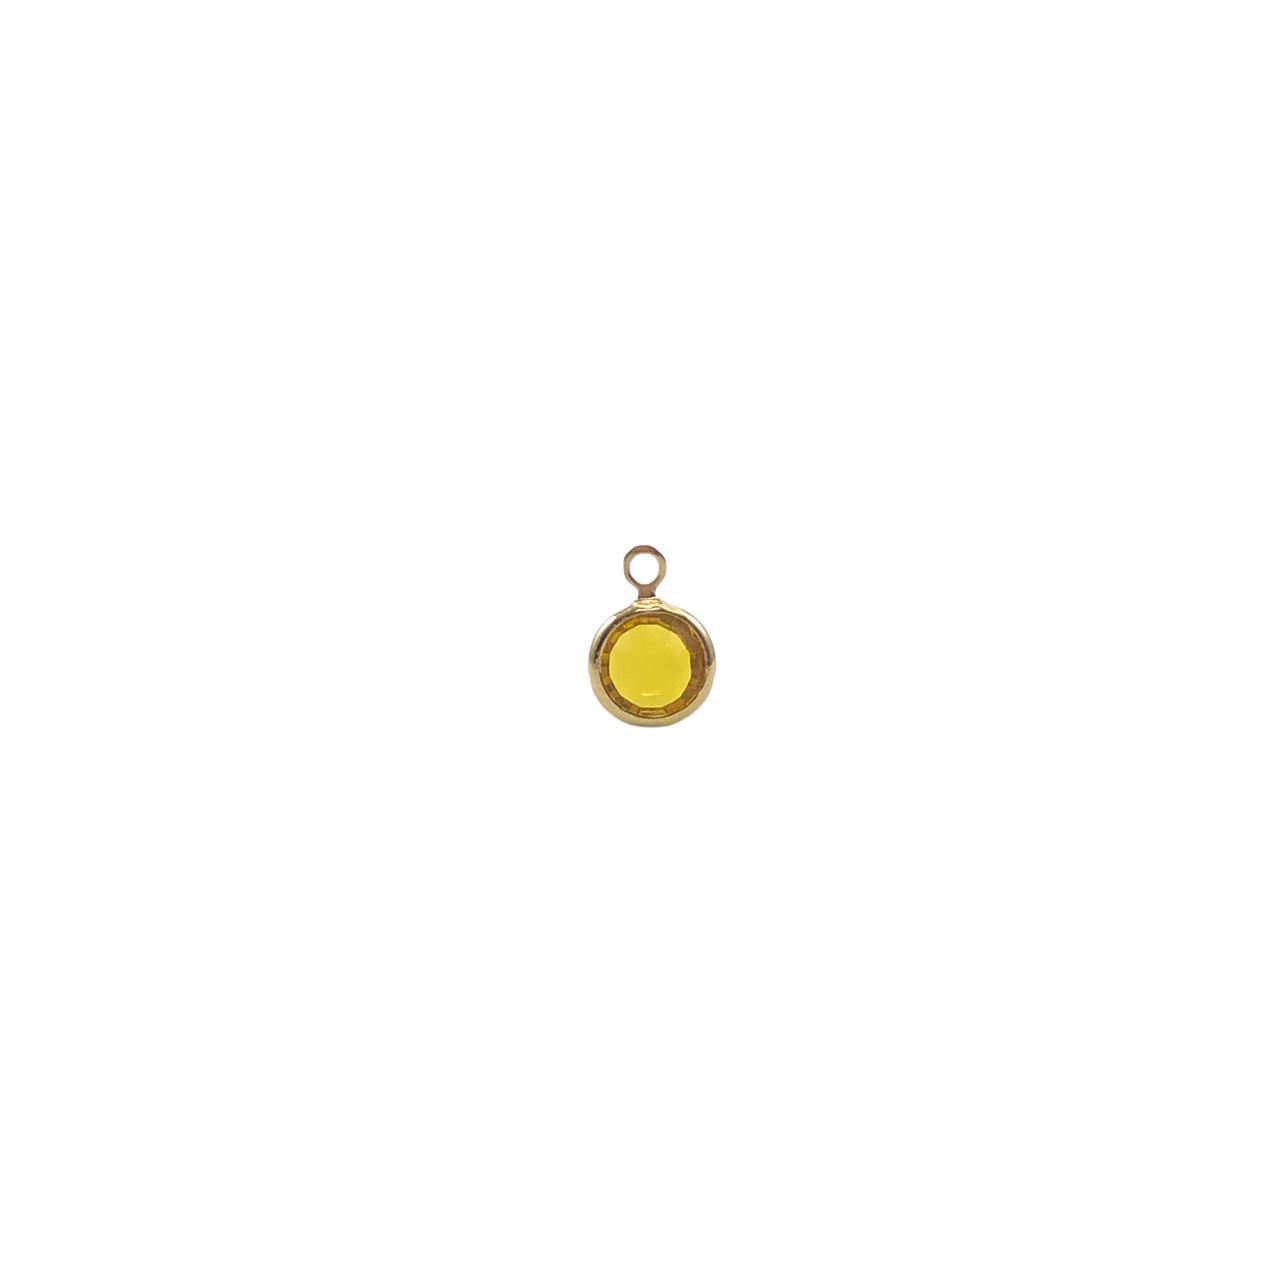 PG902 - Pingente De Vidro Citrine 6mm Banhado Cor Dourado - 04Unids